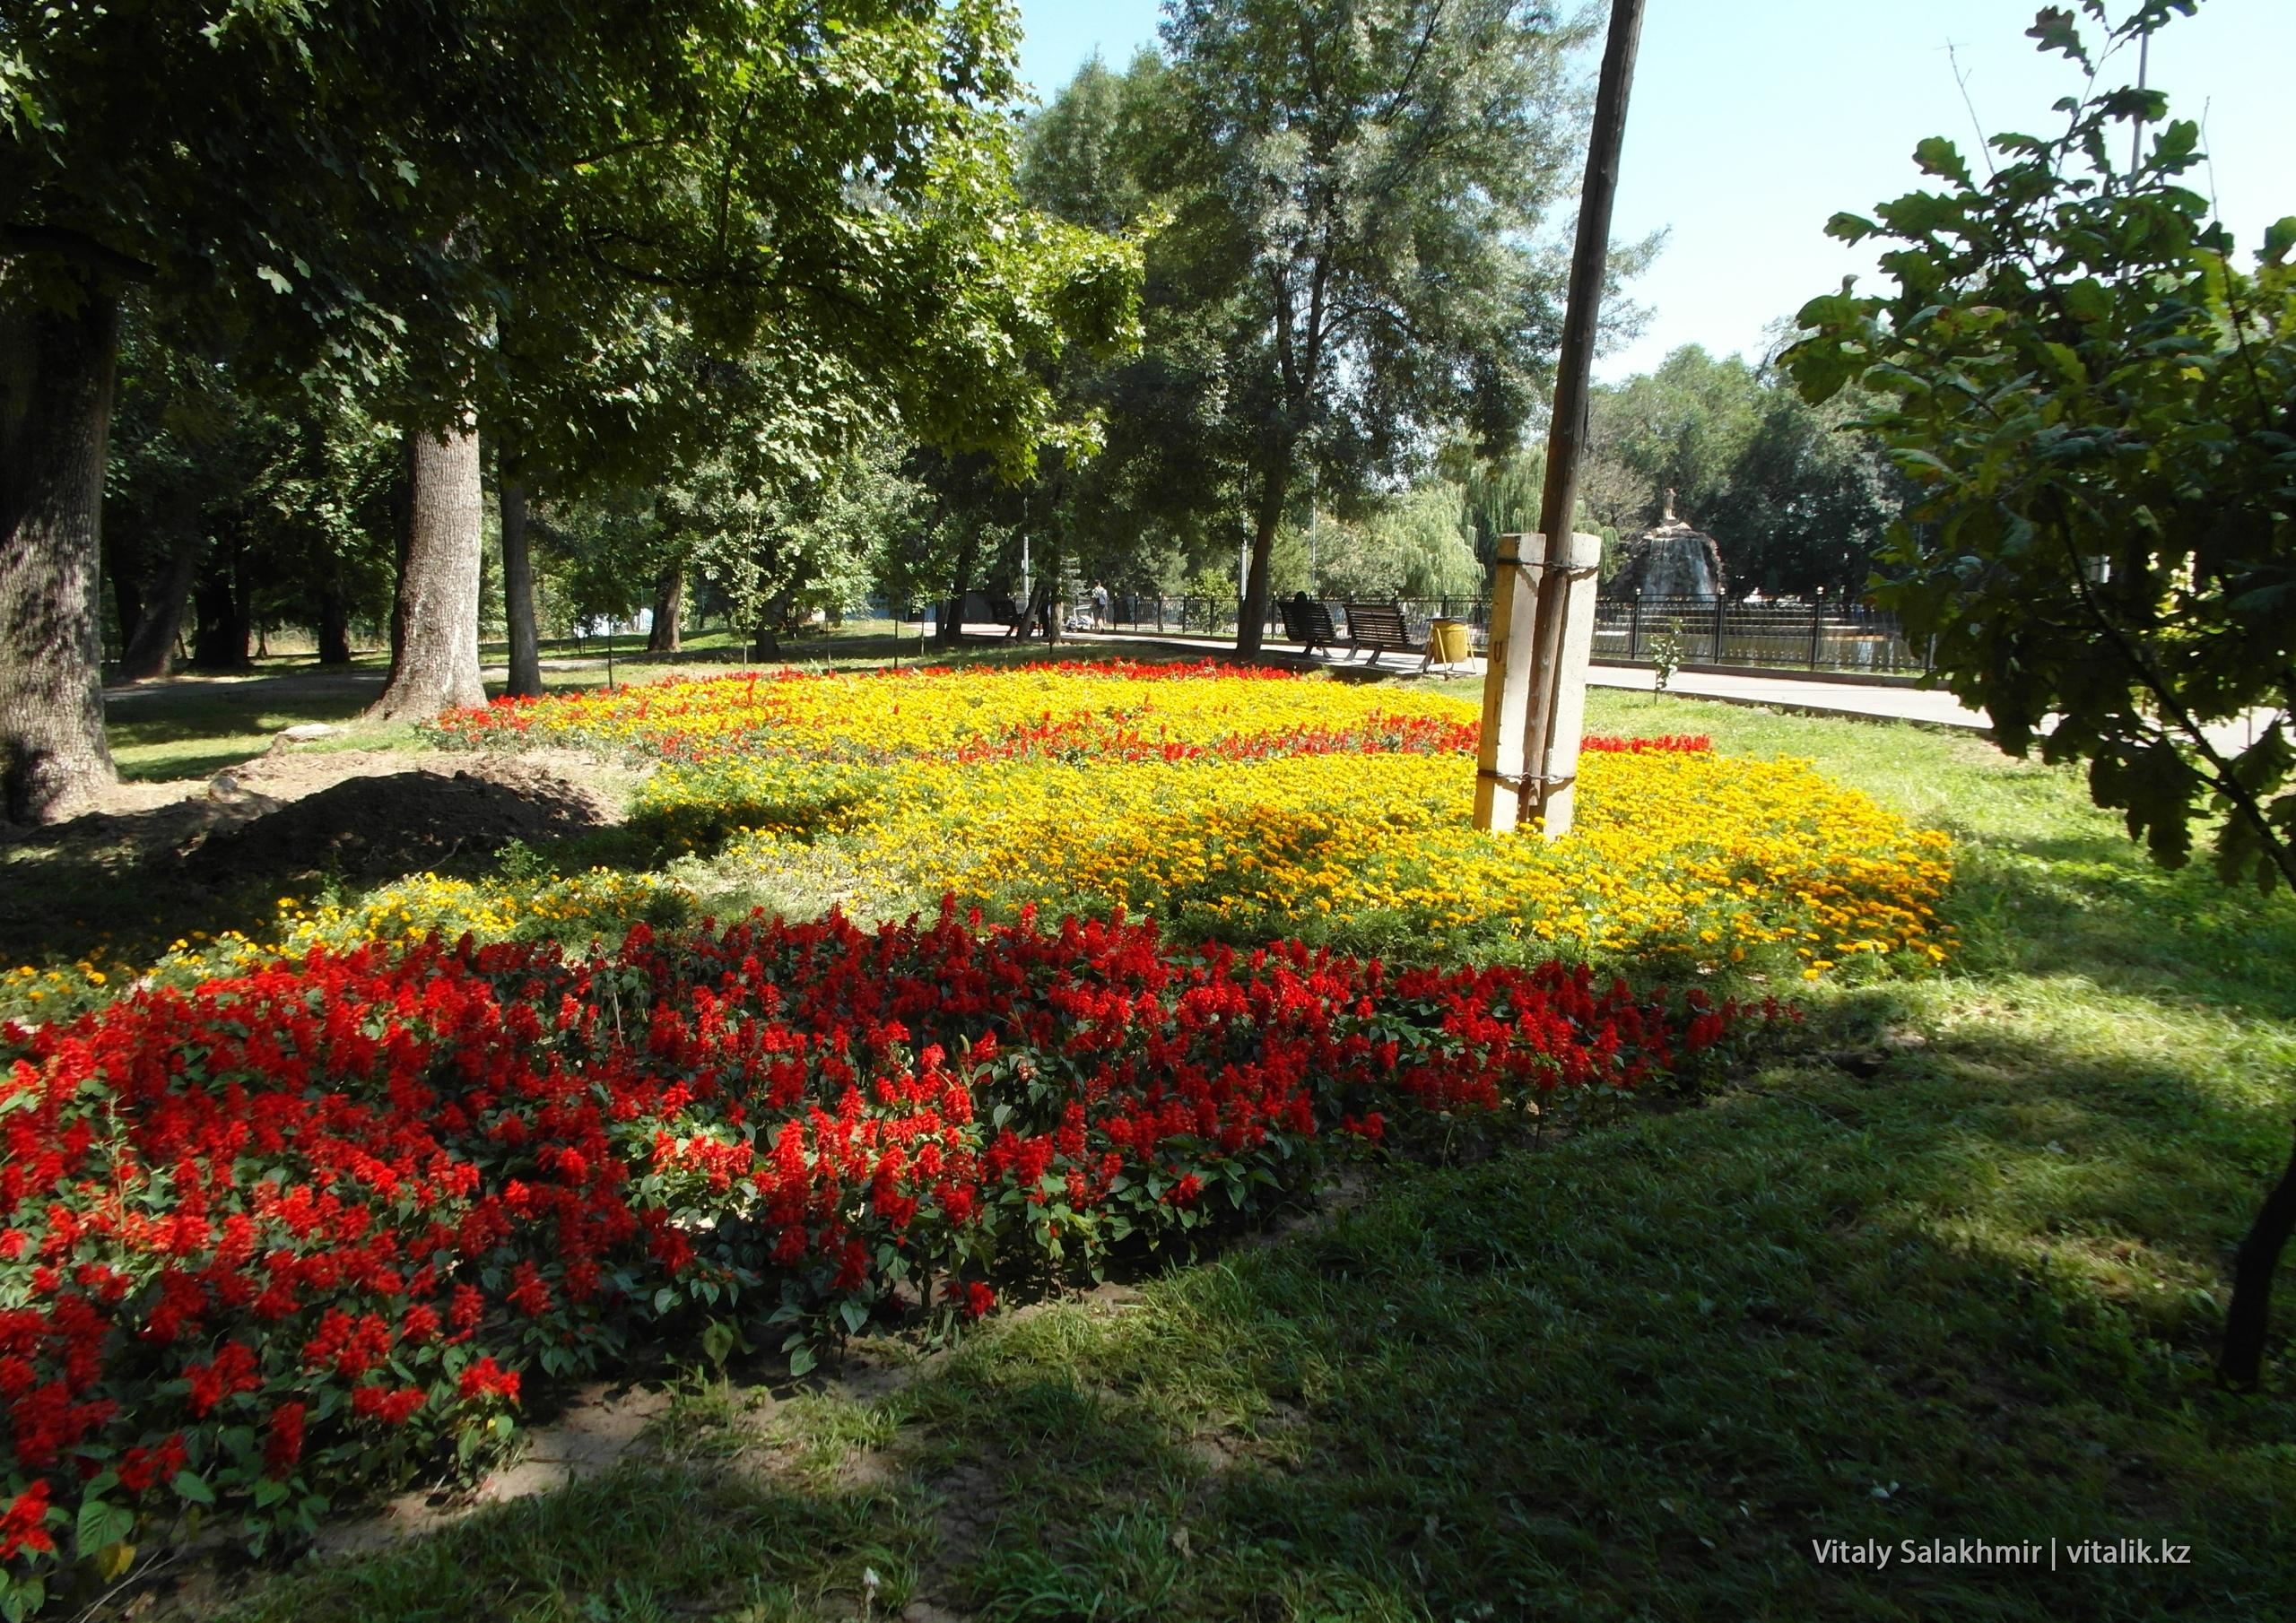 Цветы в Парке Горького, 2018